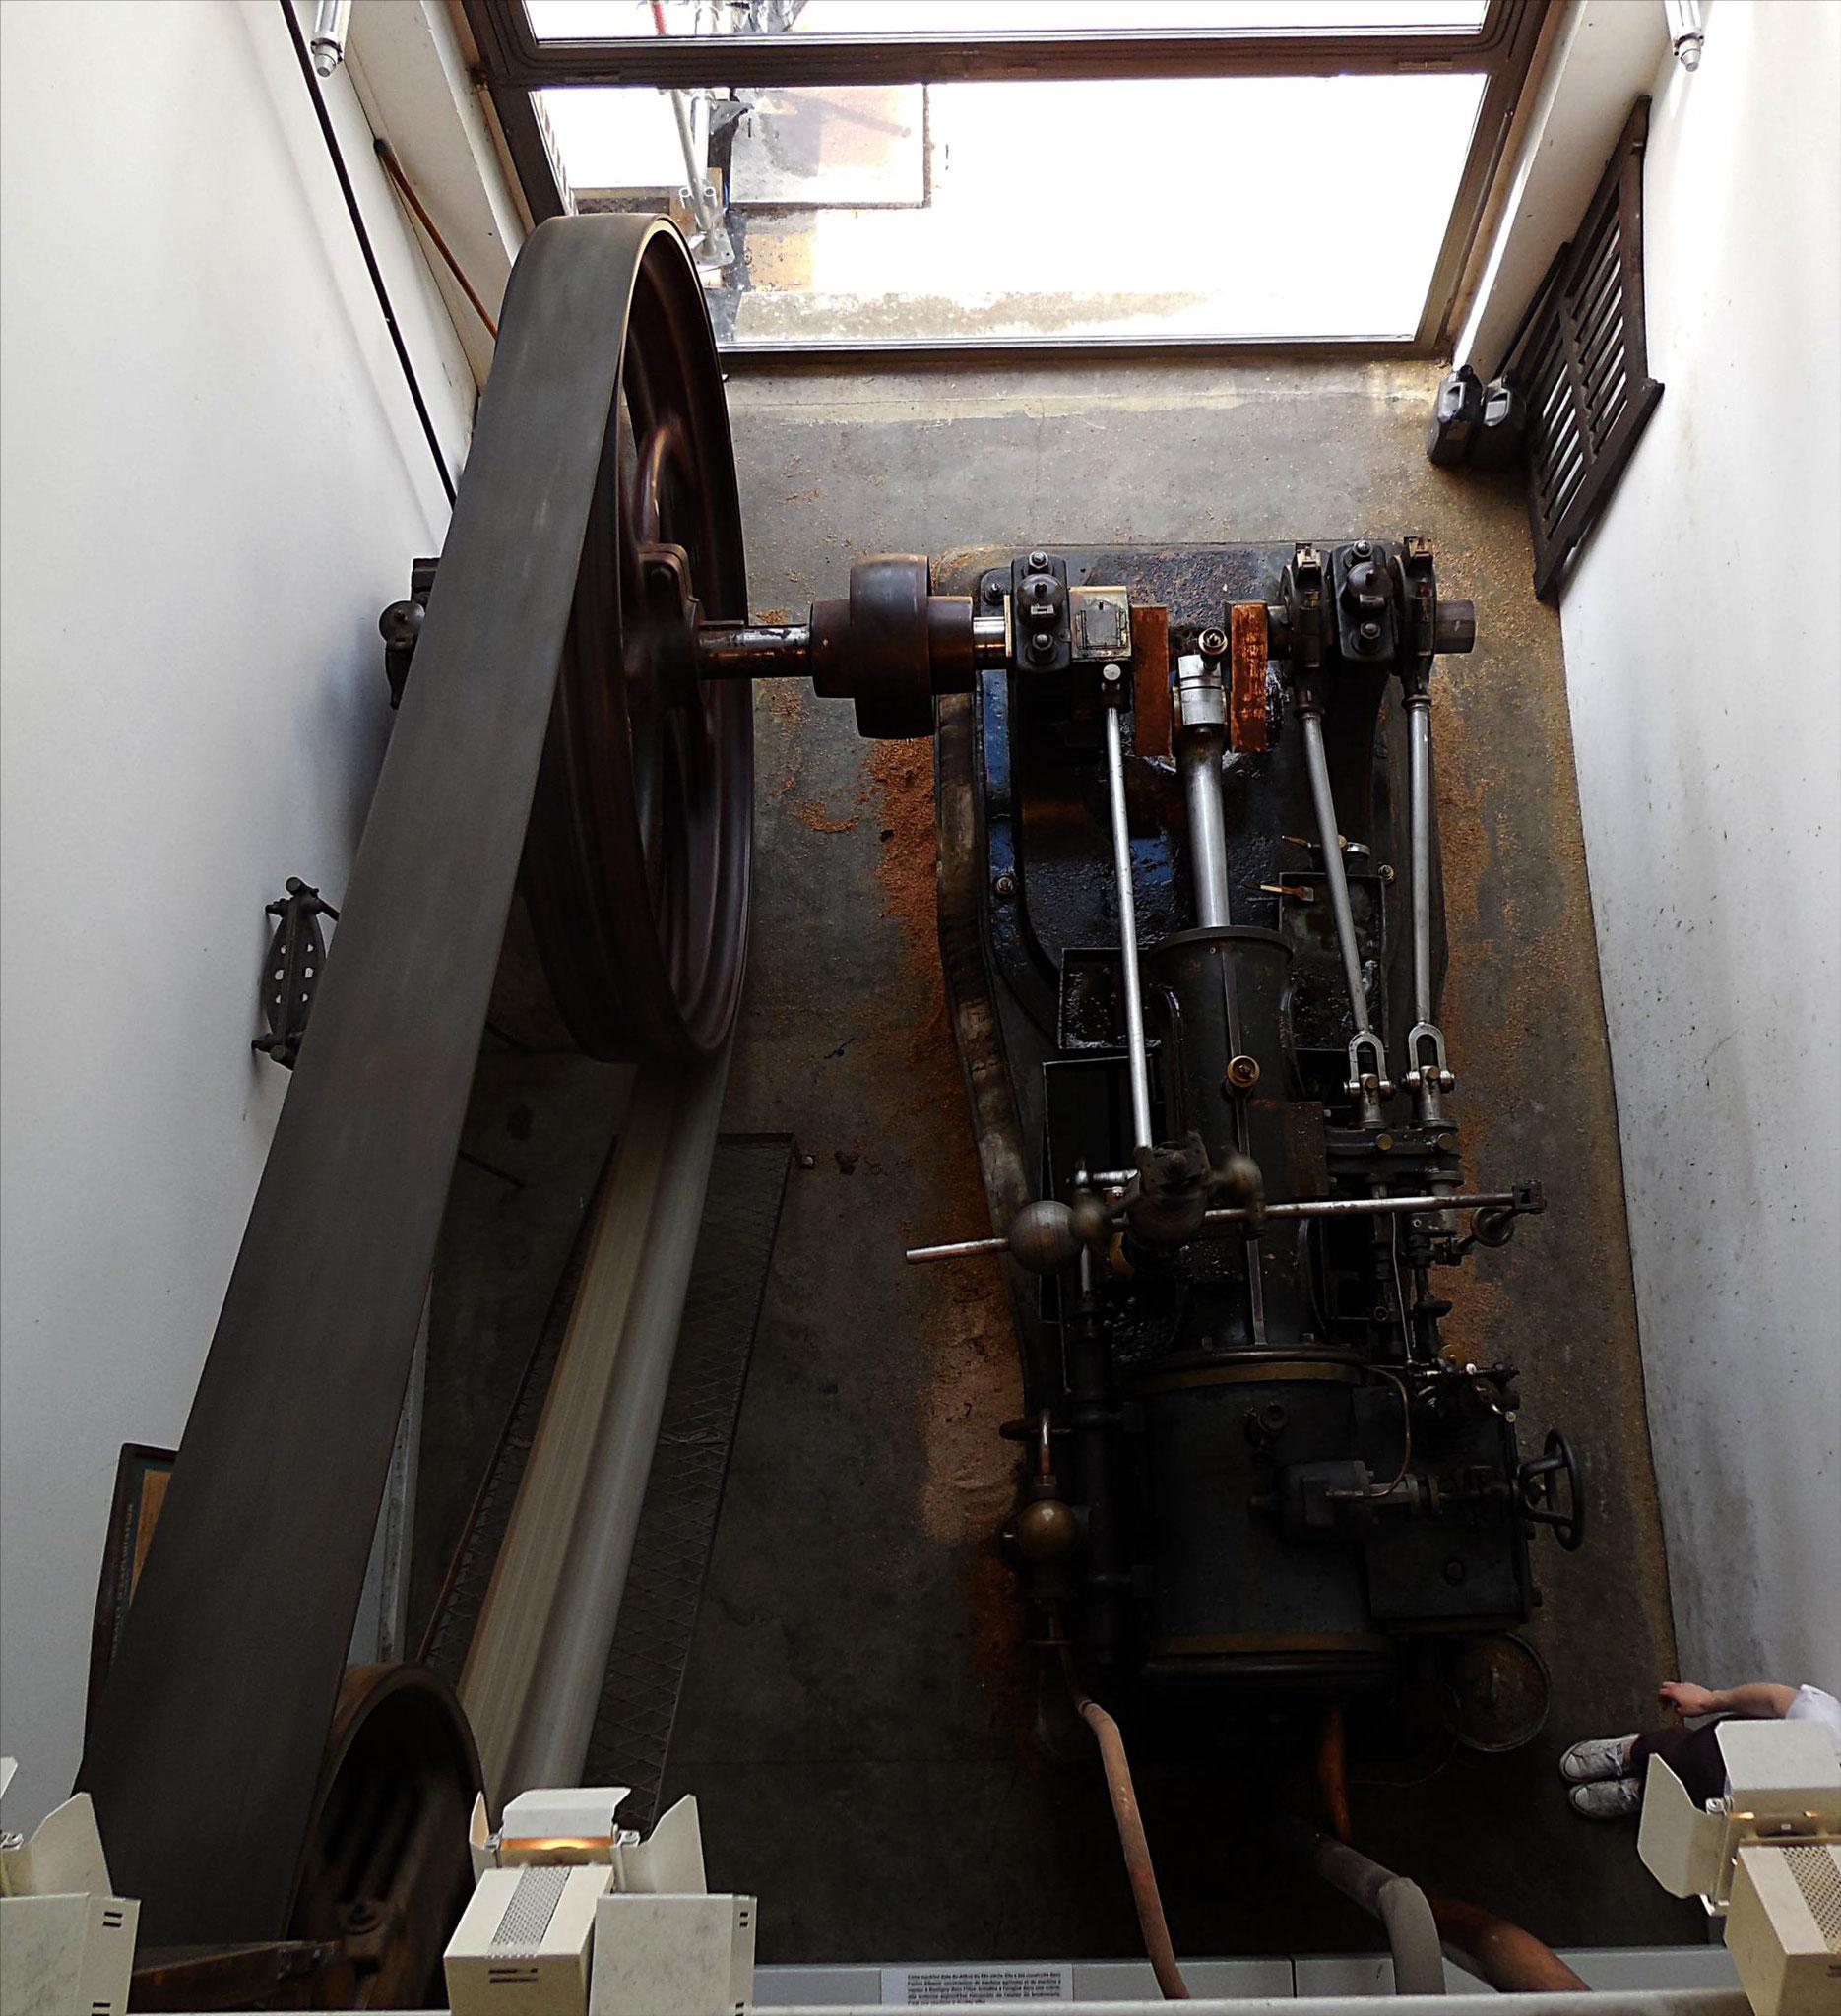 Vue supérieure de la machine à vapeur centrale